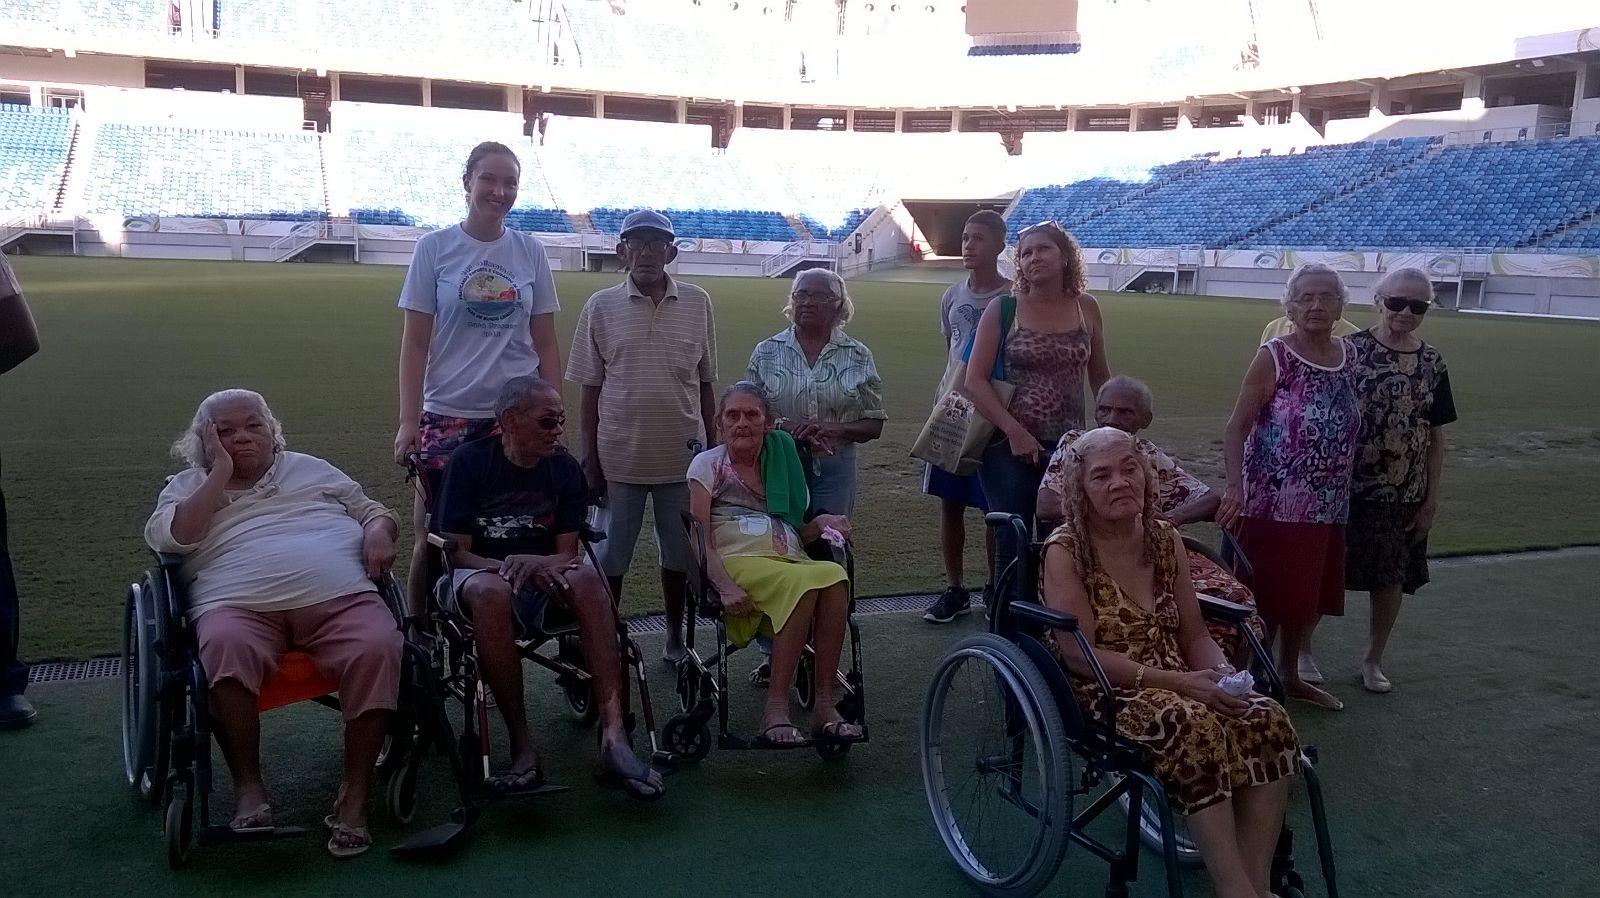 Bild der Senioren im Fußballstadion